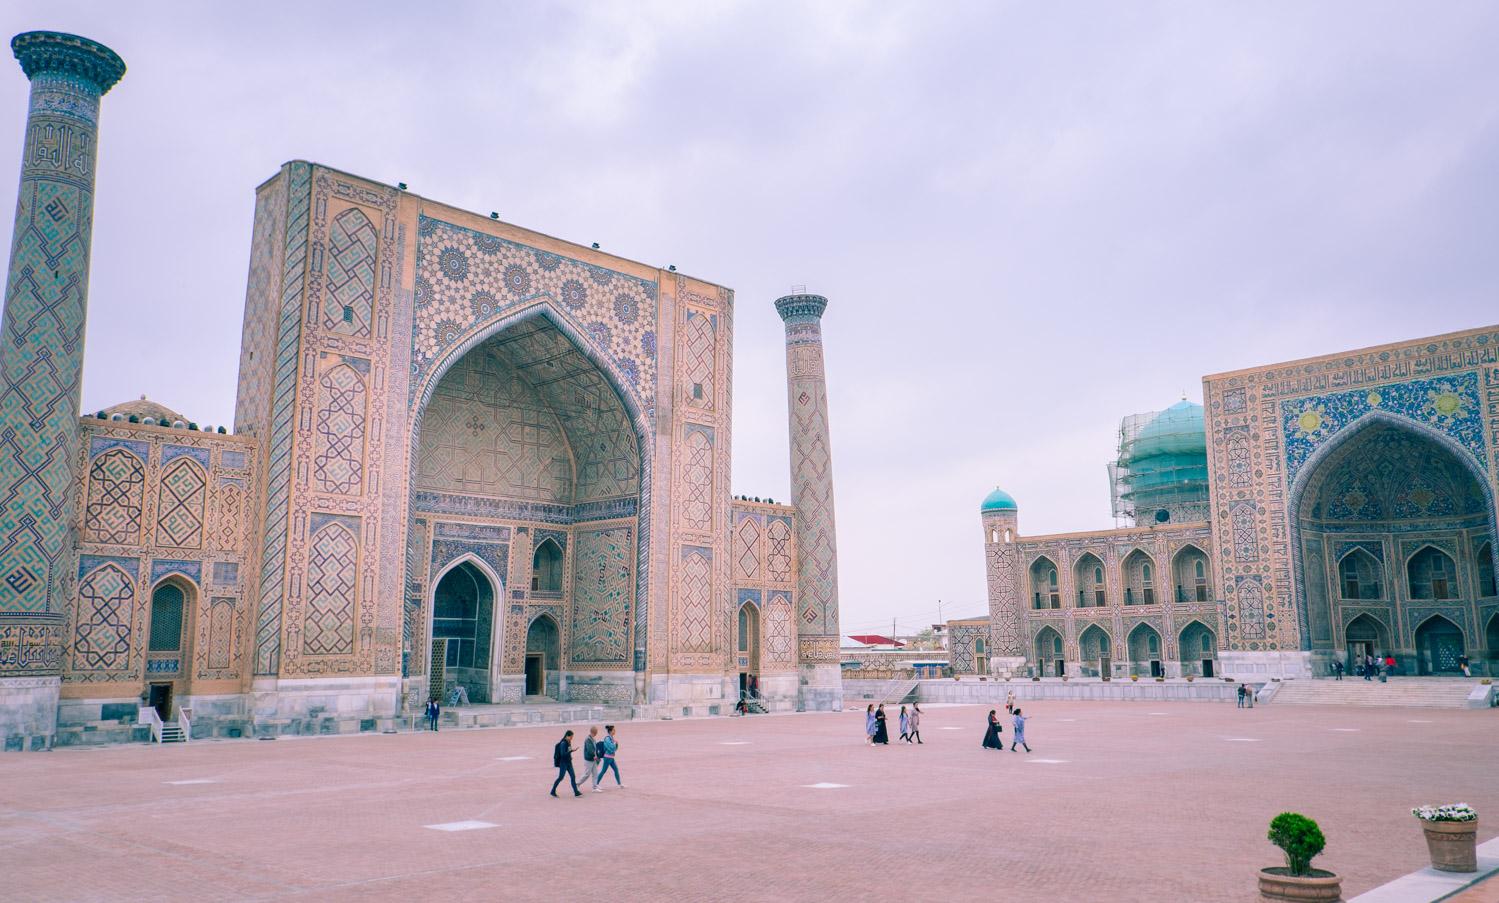 Att göra i Samarkand: Besöka torget Registan